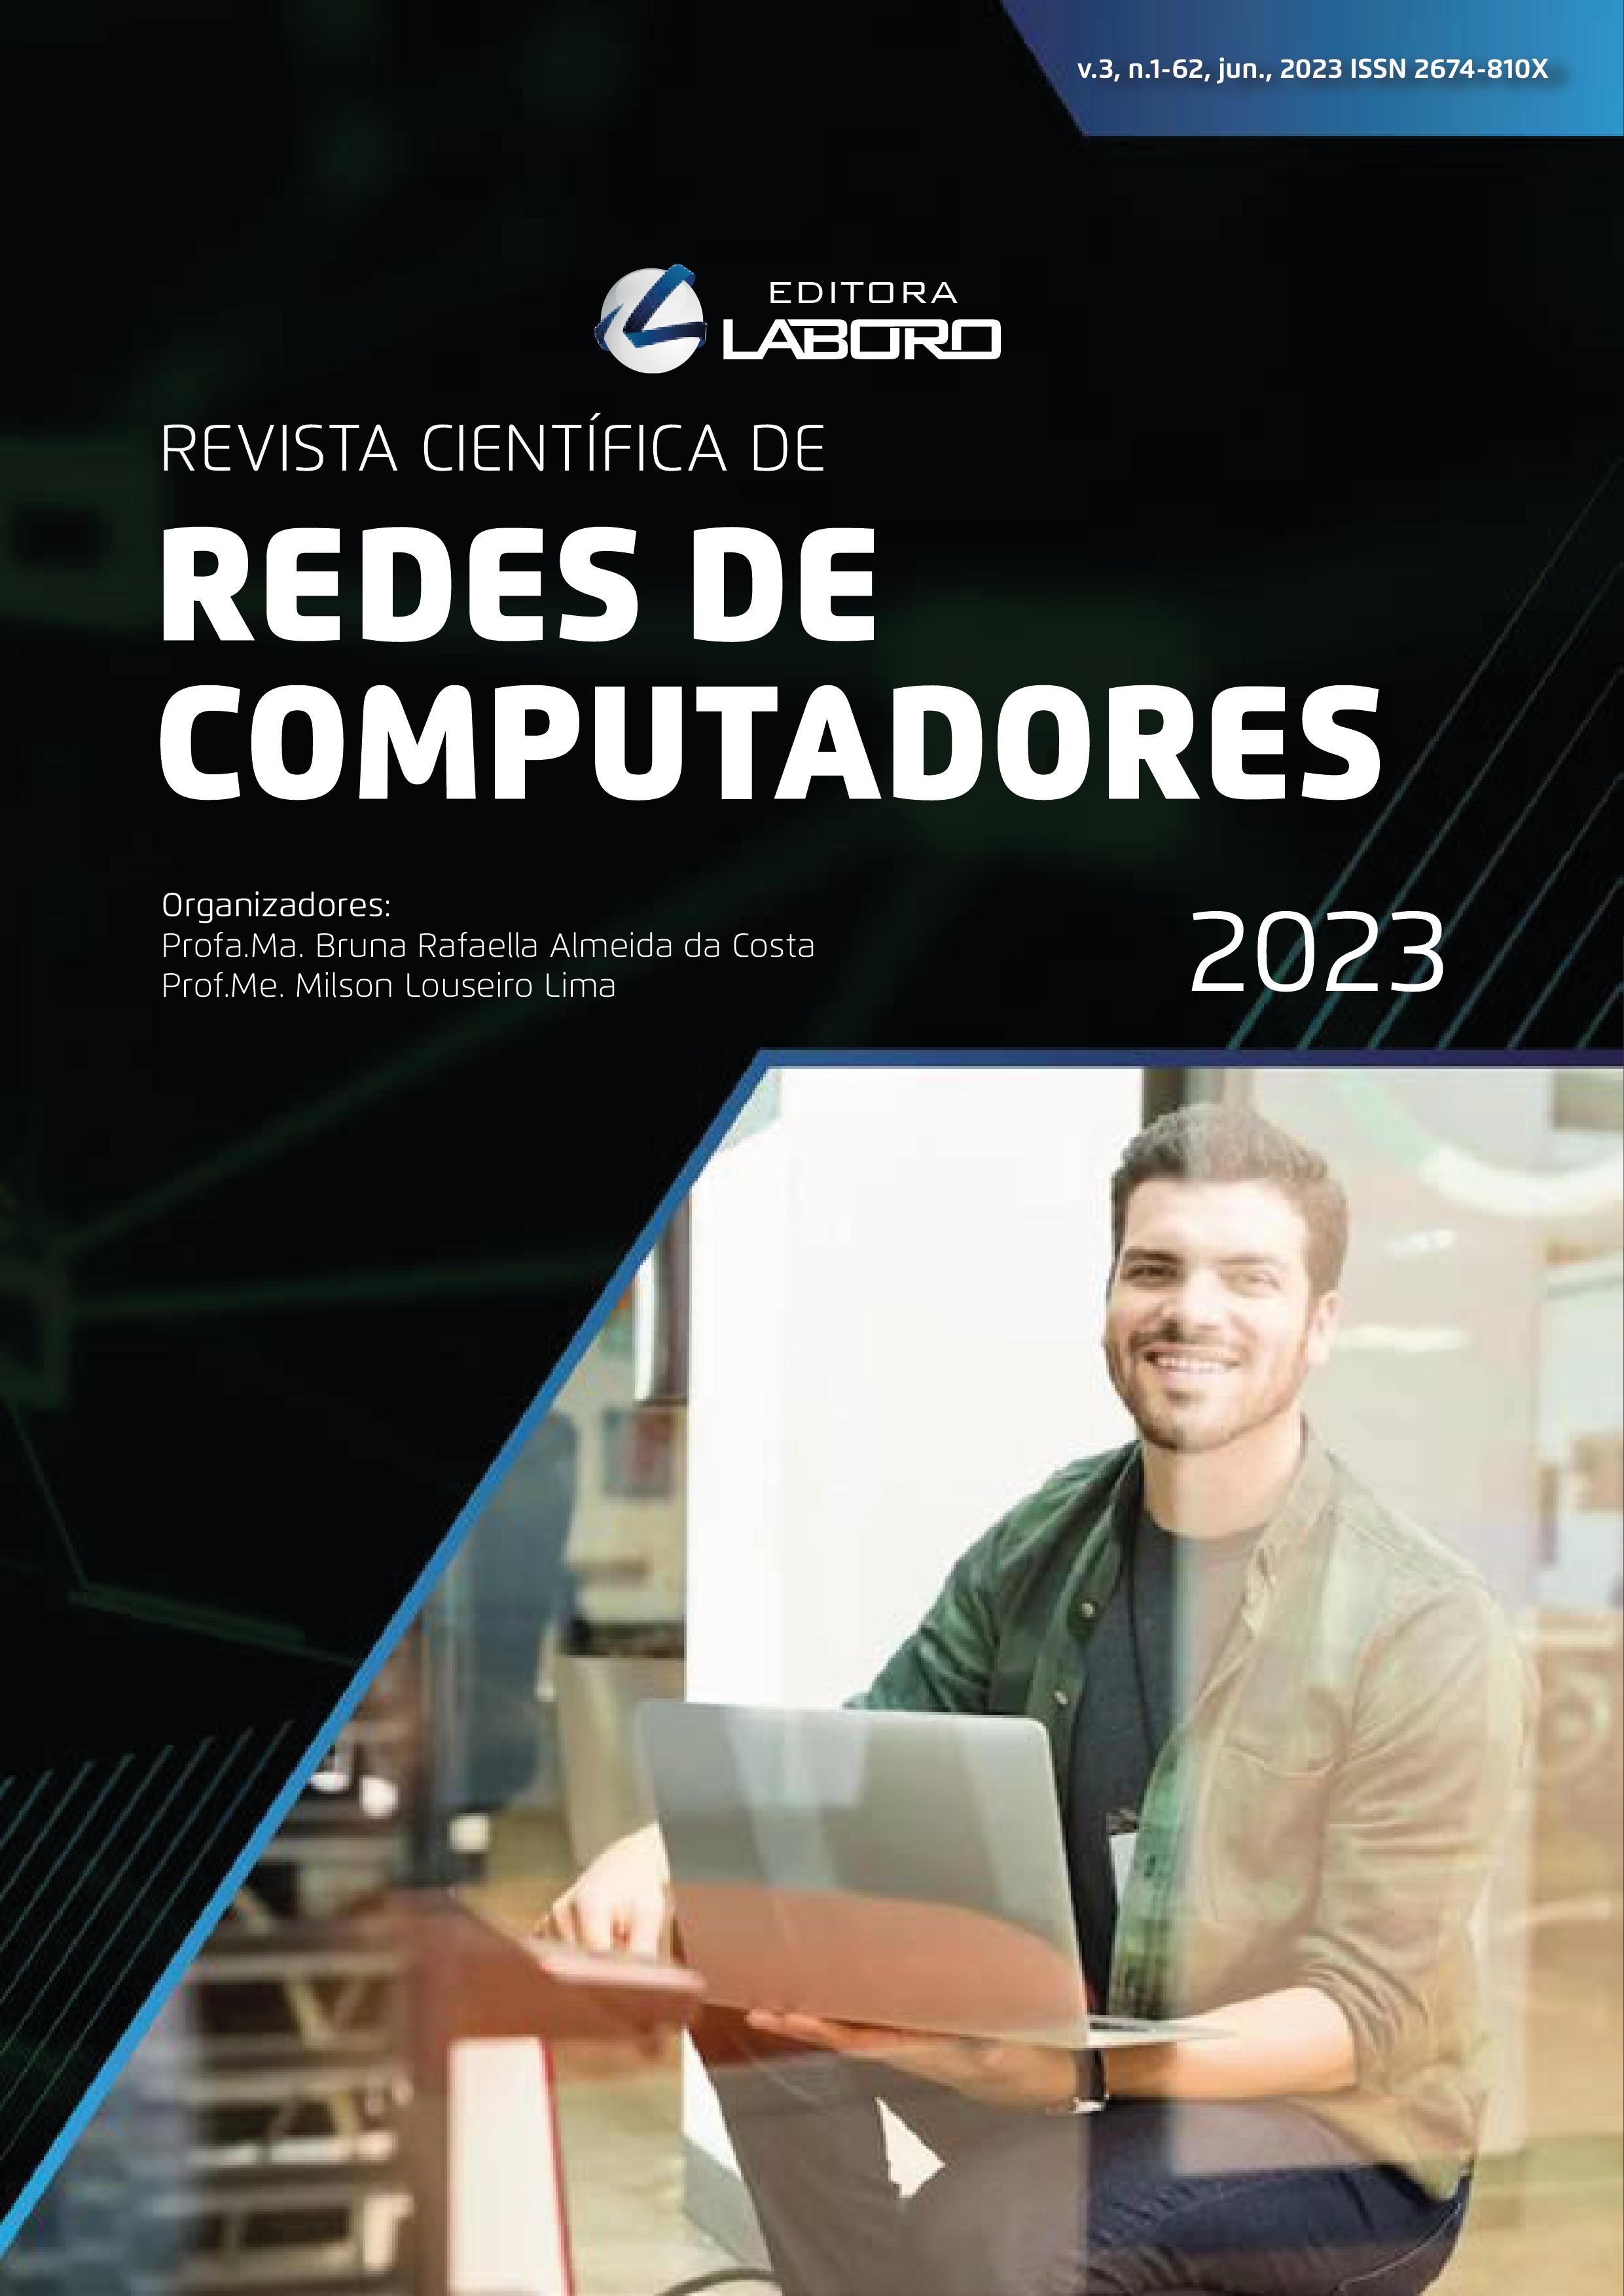 Revista Científica de Redes de Computadores